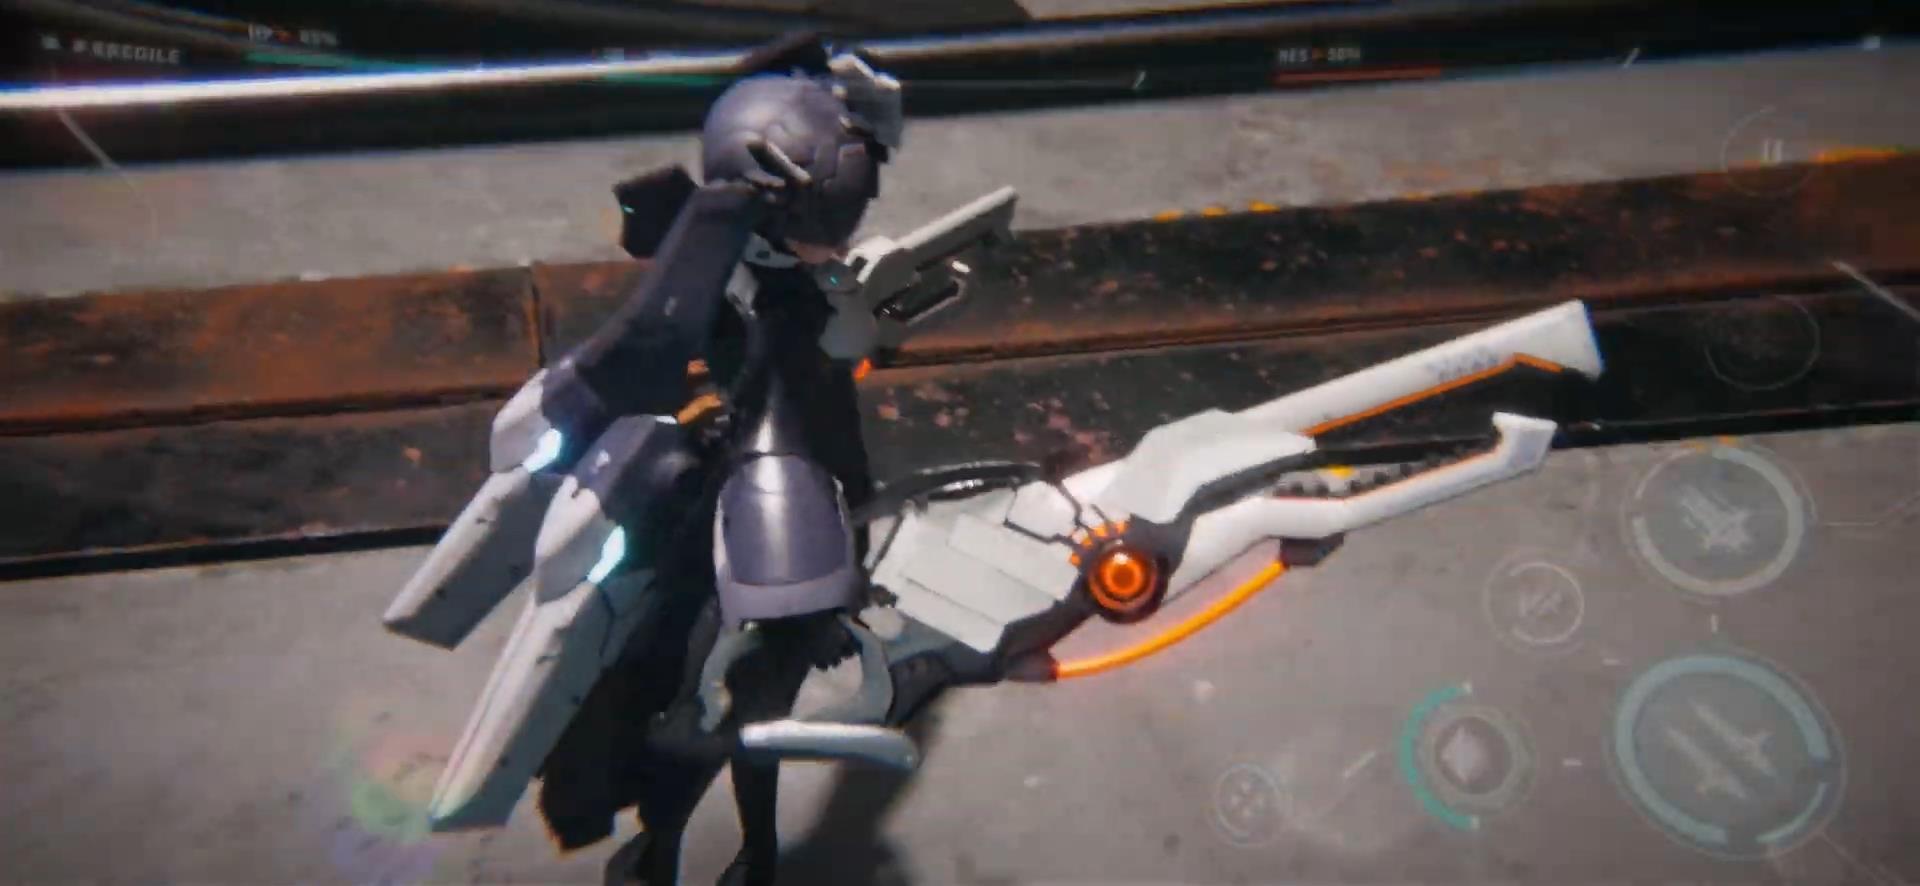 雷亚新作《Binart Gods》概念视频 机甲少女战野兽